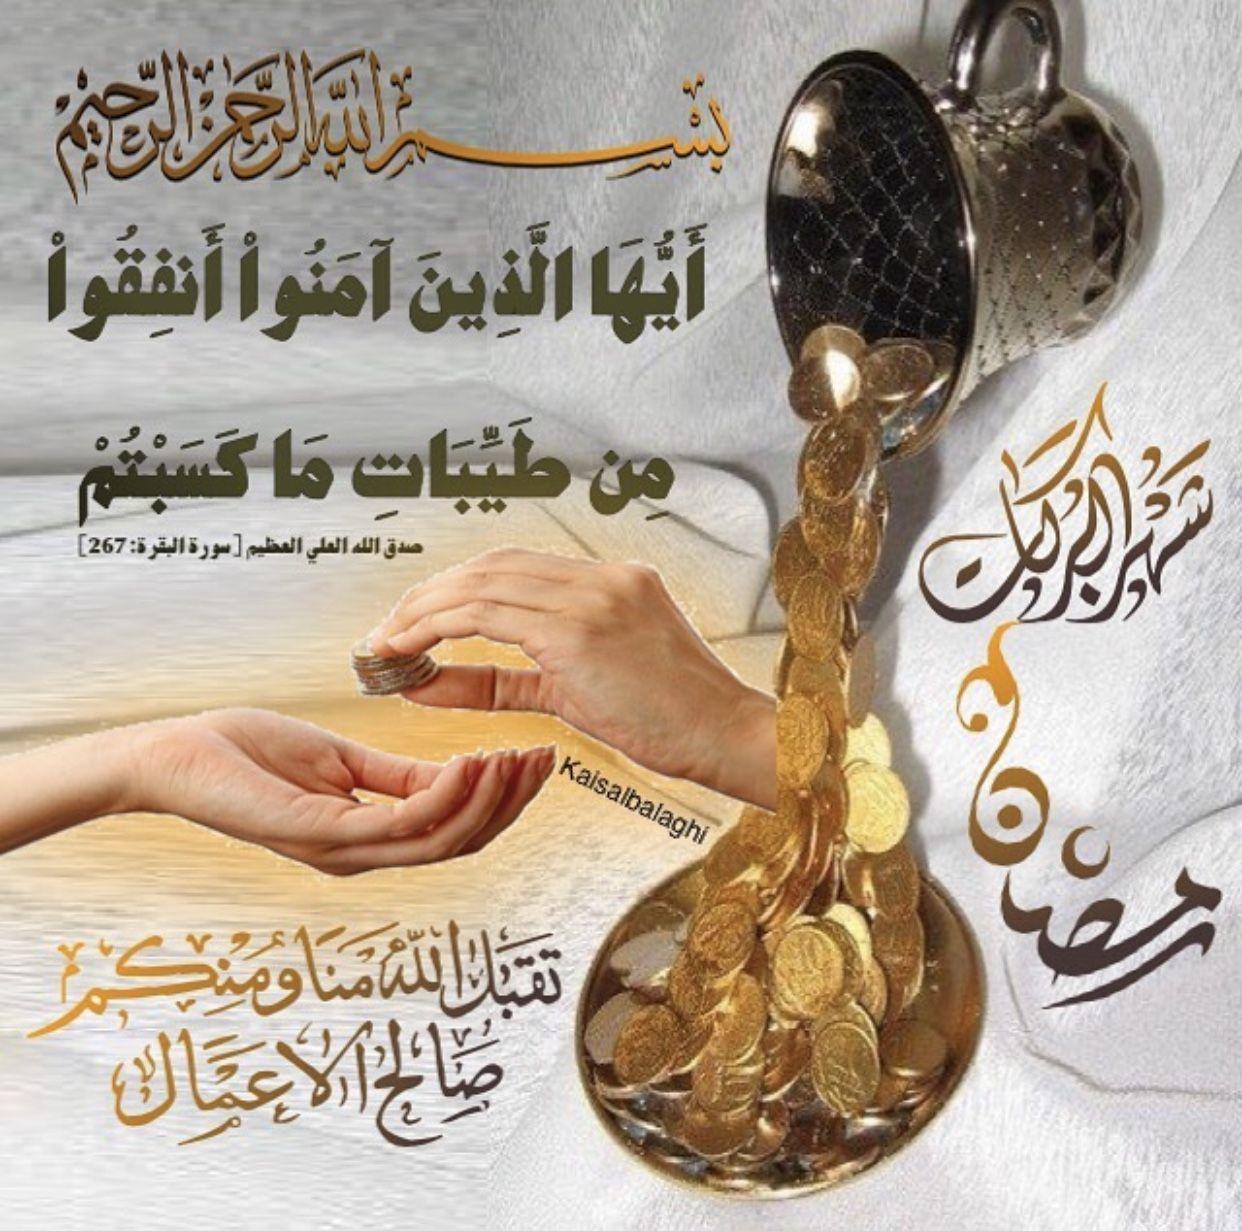 تصدقوا الصدقة تدفع البلاء شهر الرحمه شهر رمضان المبارك